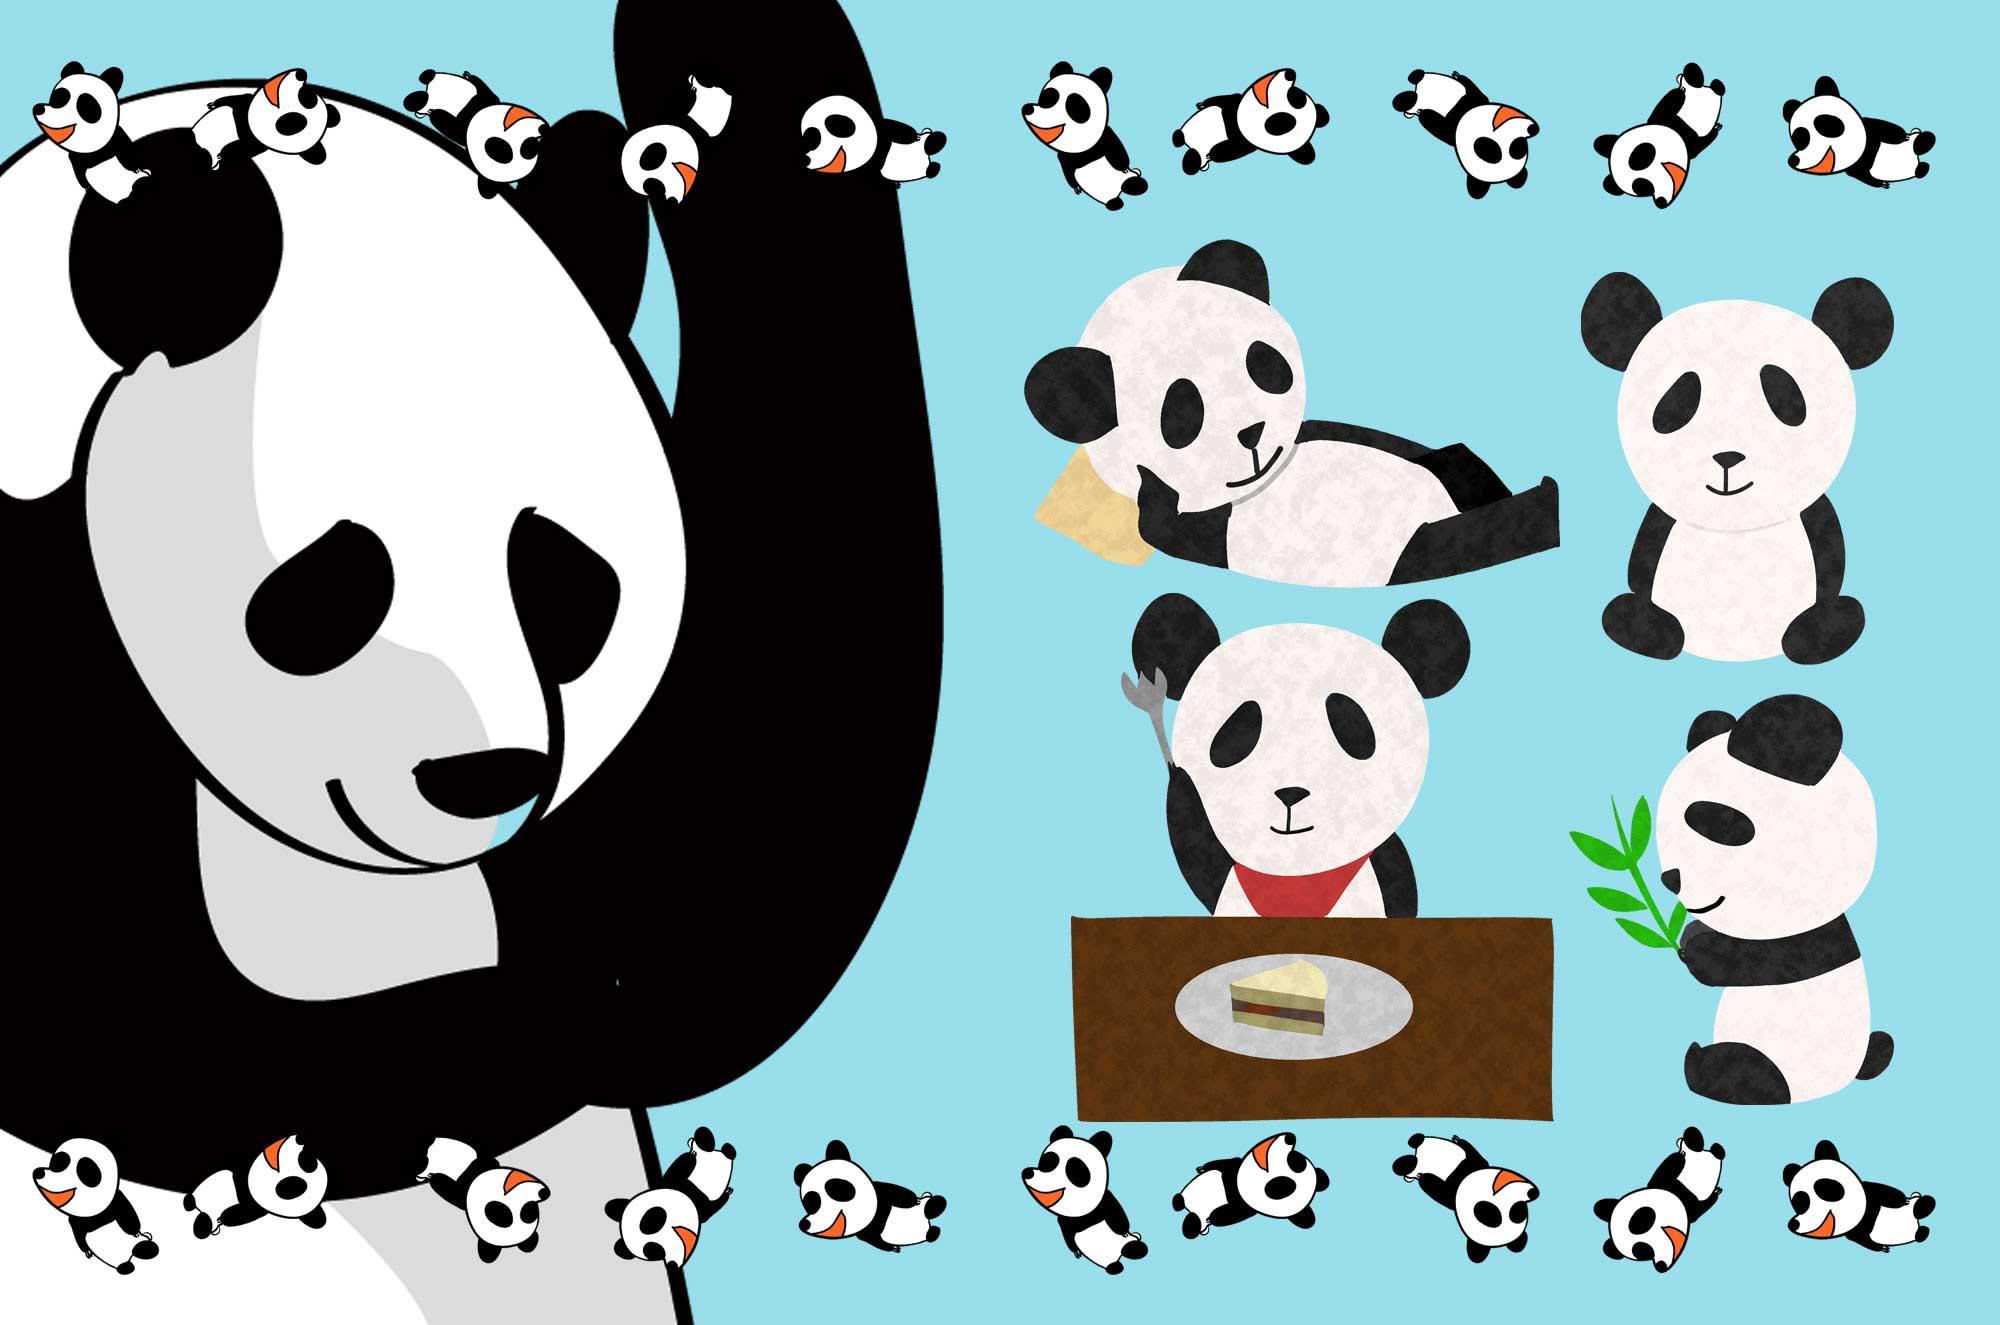 面白可愛いパンダのイラスト - フリーキャラクター素材